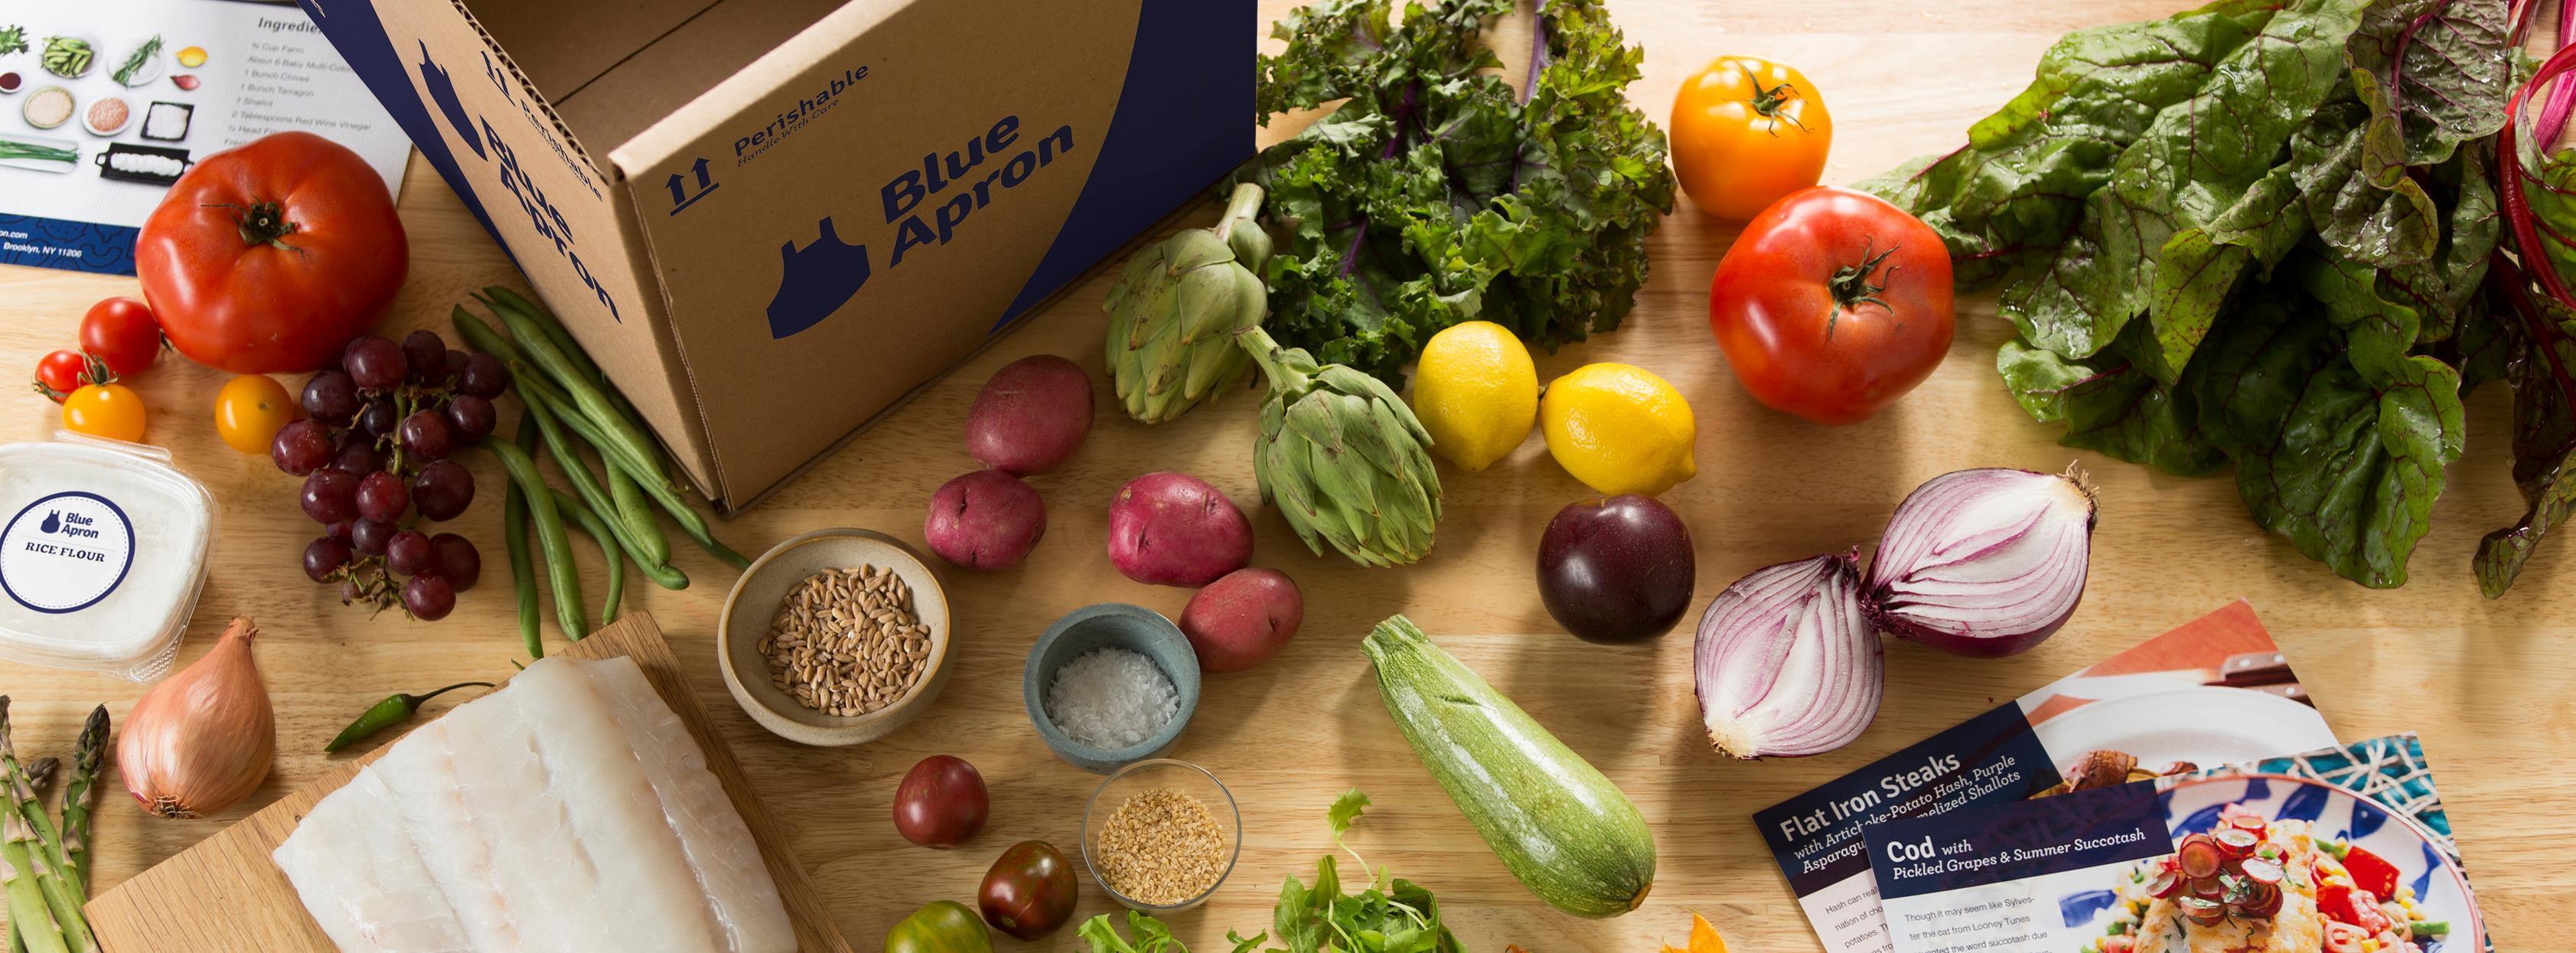 Blue apron job reviews - Blue Apron